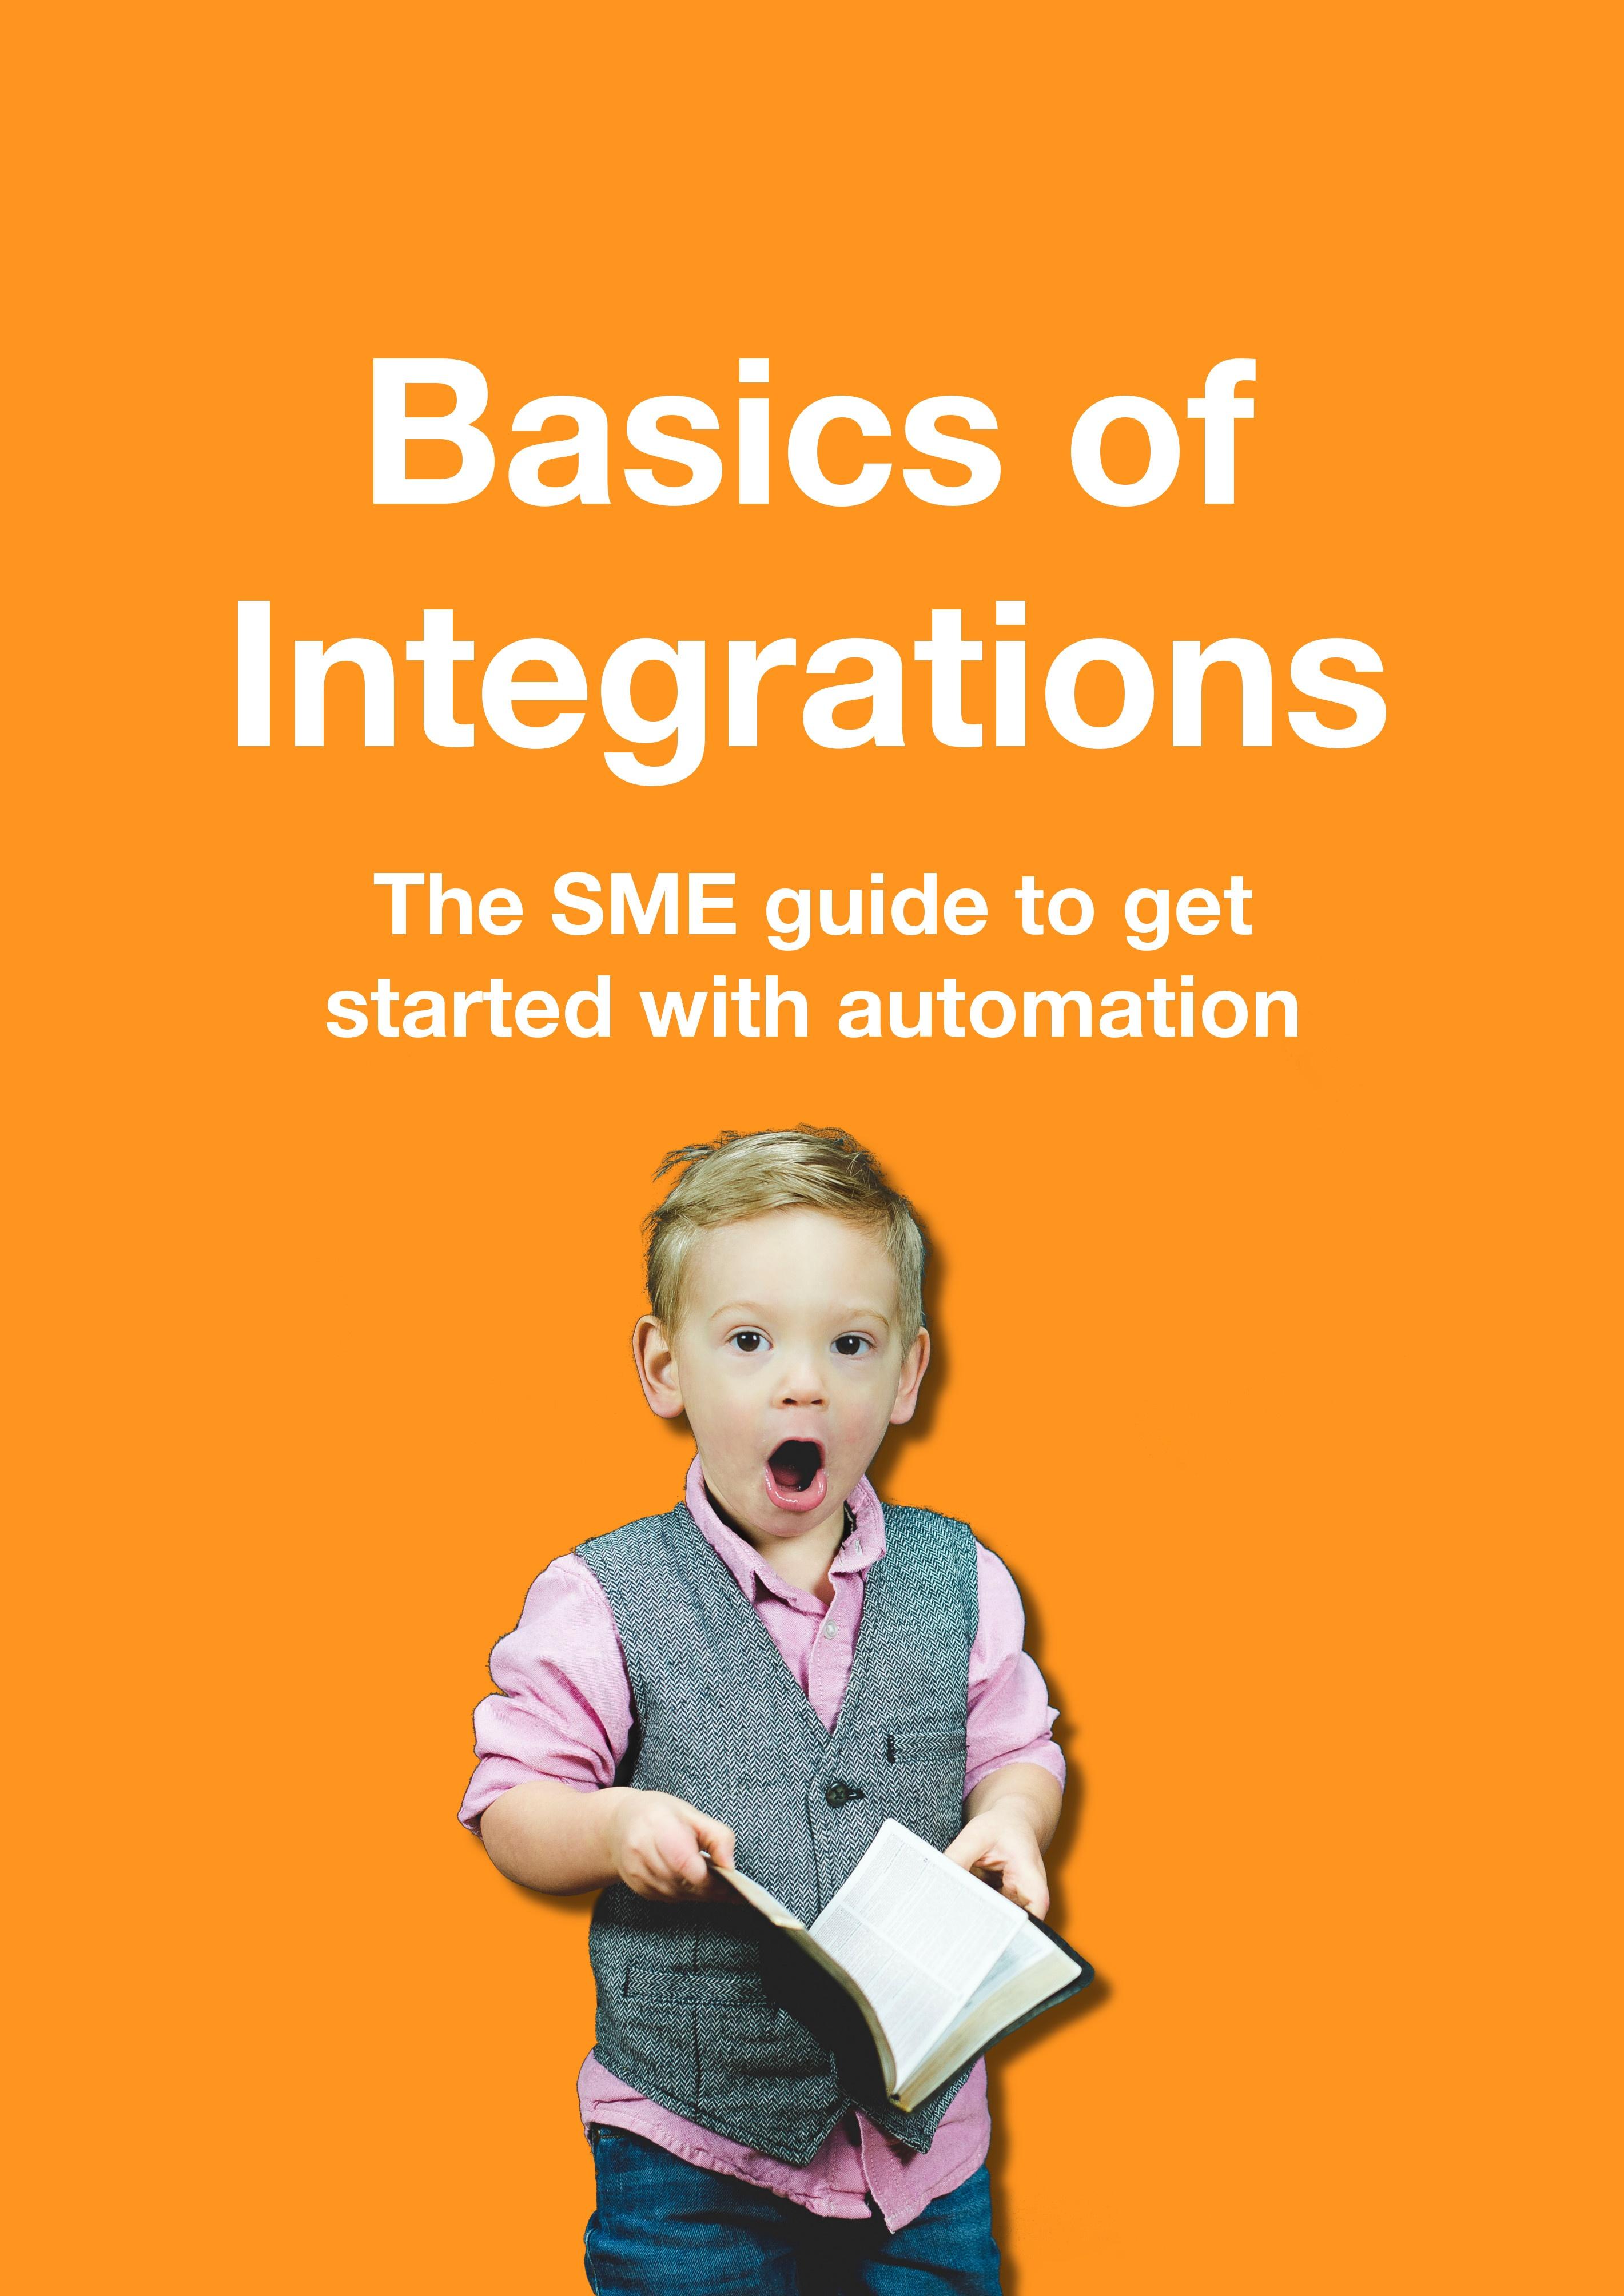 Basics of integrations